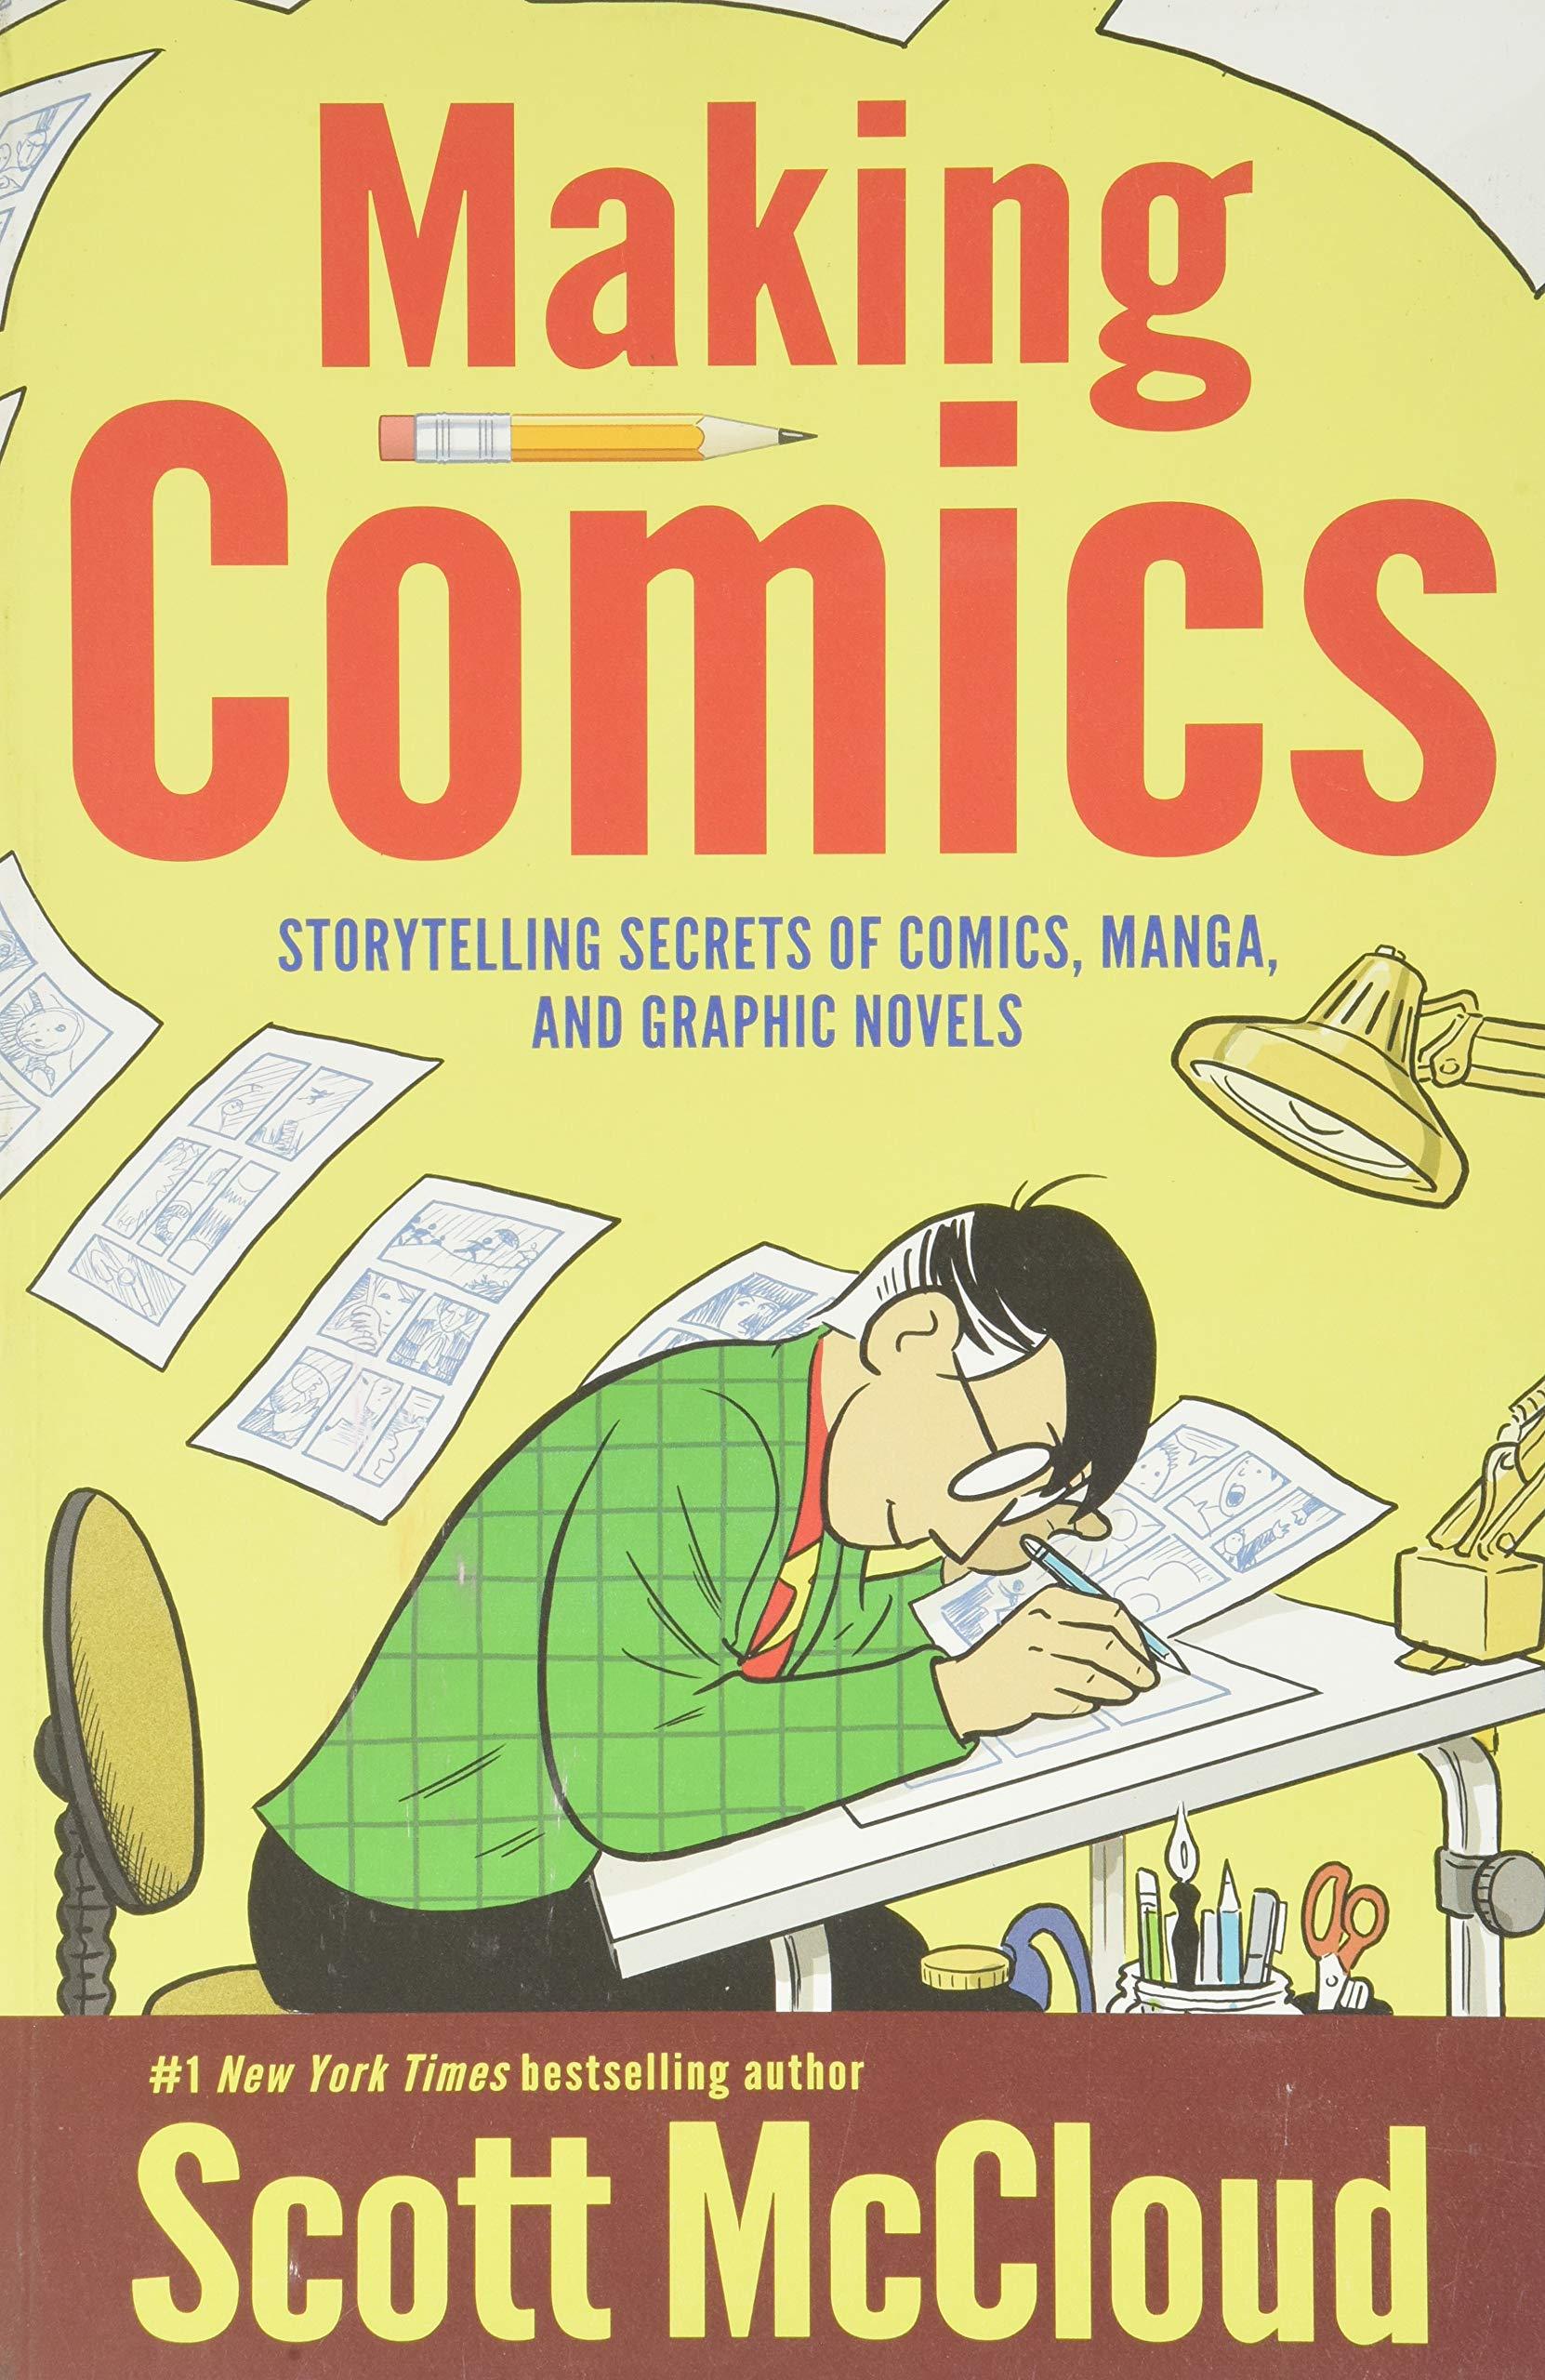 Amazon Com Making Comics Storytelling Secrets Of Comics Manga And Graphic Novels 8580001066806 Mccloud Scott Books